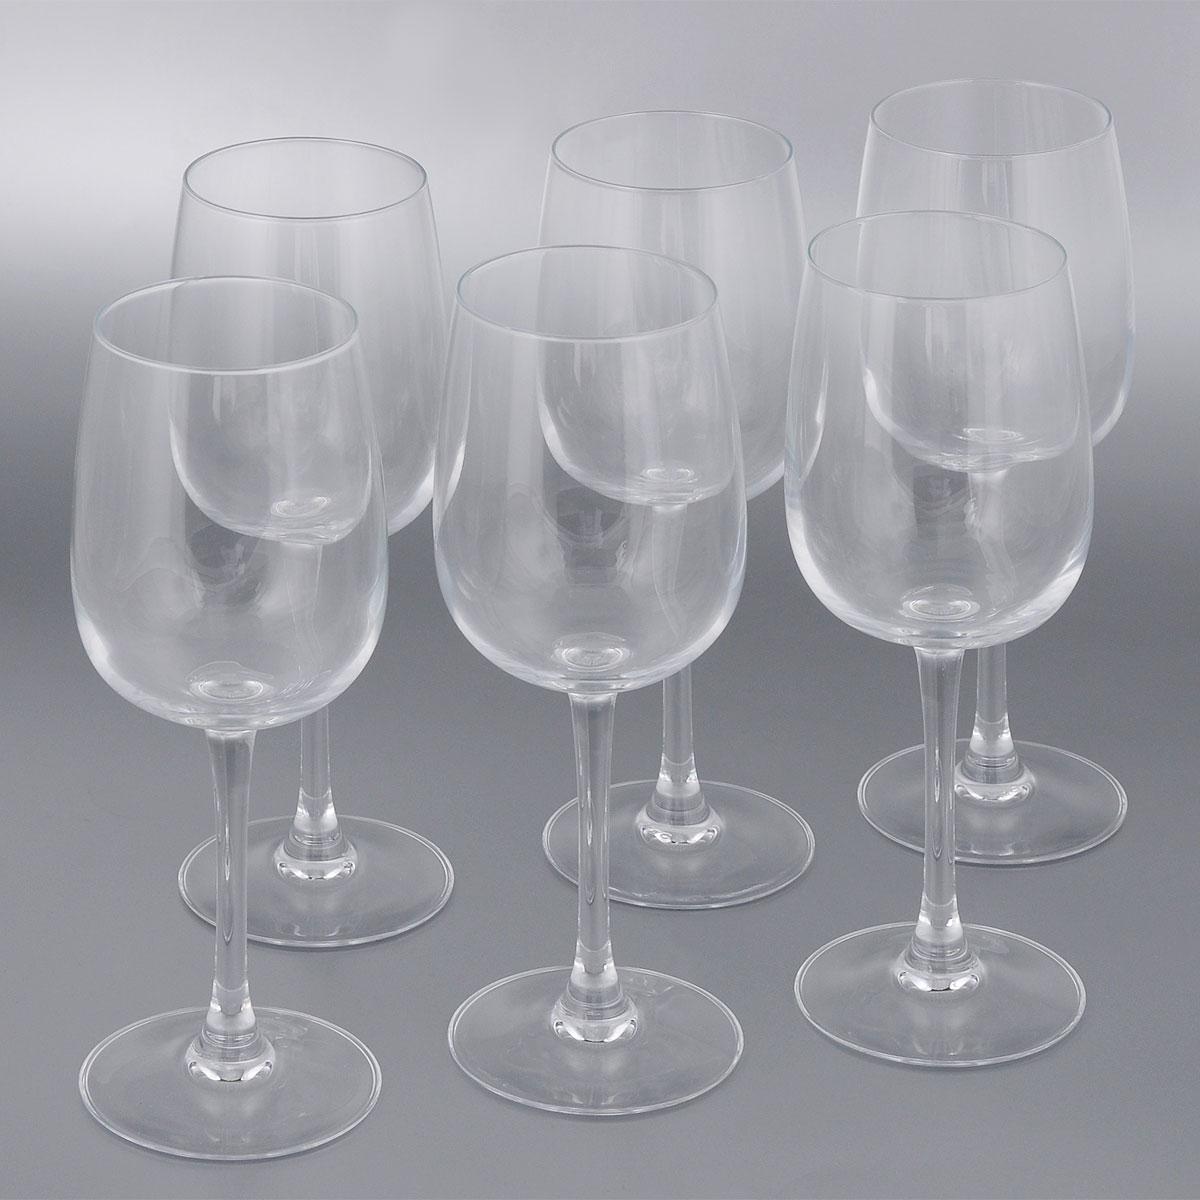 Набор фужеров для вина Luminarc Allegresse, 300 мл, 6 штJ8164Набор Luminarc Allegresse состоит из шести классических фужеров, выполненных из прочного стекла. Изделия оснащены высокими ножками и предназначены для подачи вина. Они сочетают в себе элегантный дизайн и функциональность. Благодаря такому набору пить напитки будет еще вкуснее. Набор фужеров Allegresse прекрасно оформит праздничный стол и создаст приятную атмосферу за романтическим ужином. Такой набор также станет хорошим подарком к любому случаю. Можно мыть в посудомоечной машине. Диаметр фужера (по верхнему краю): 6,1 см. Диаметр основания фужера: 8 см. Высота фужера: 20,6 см.